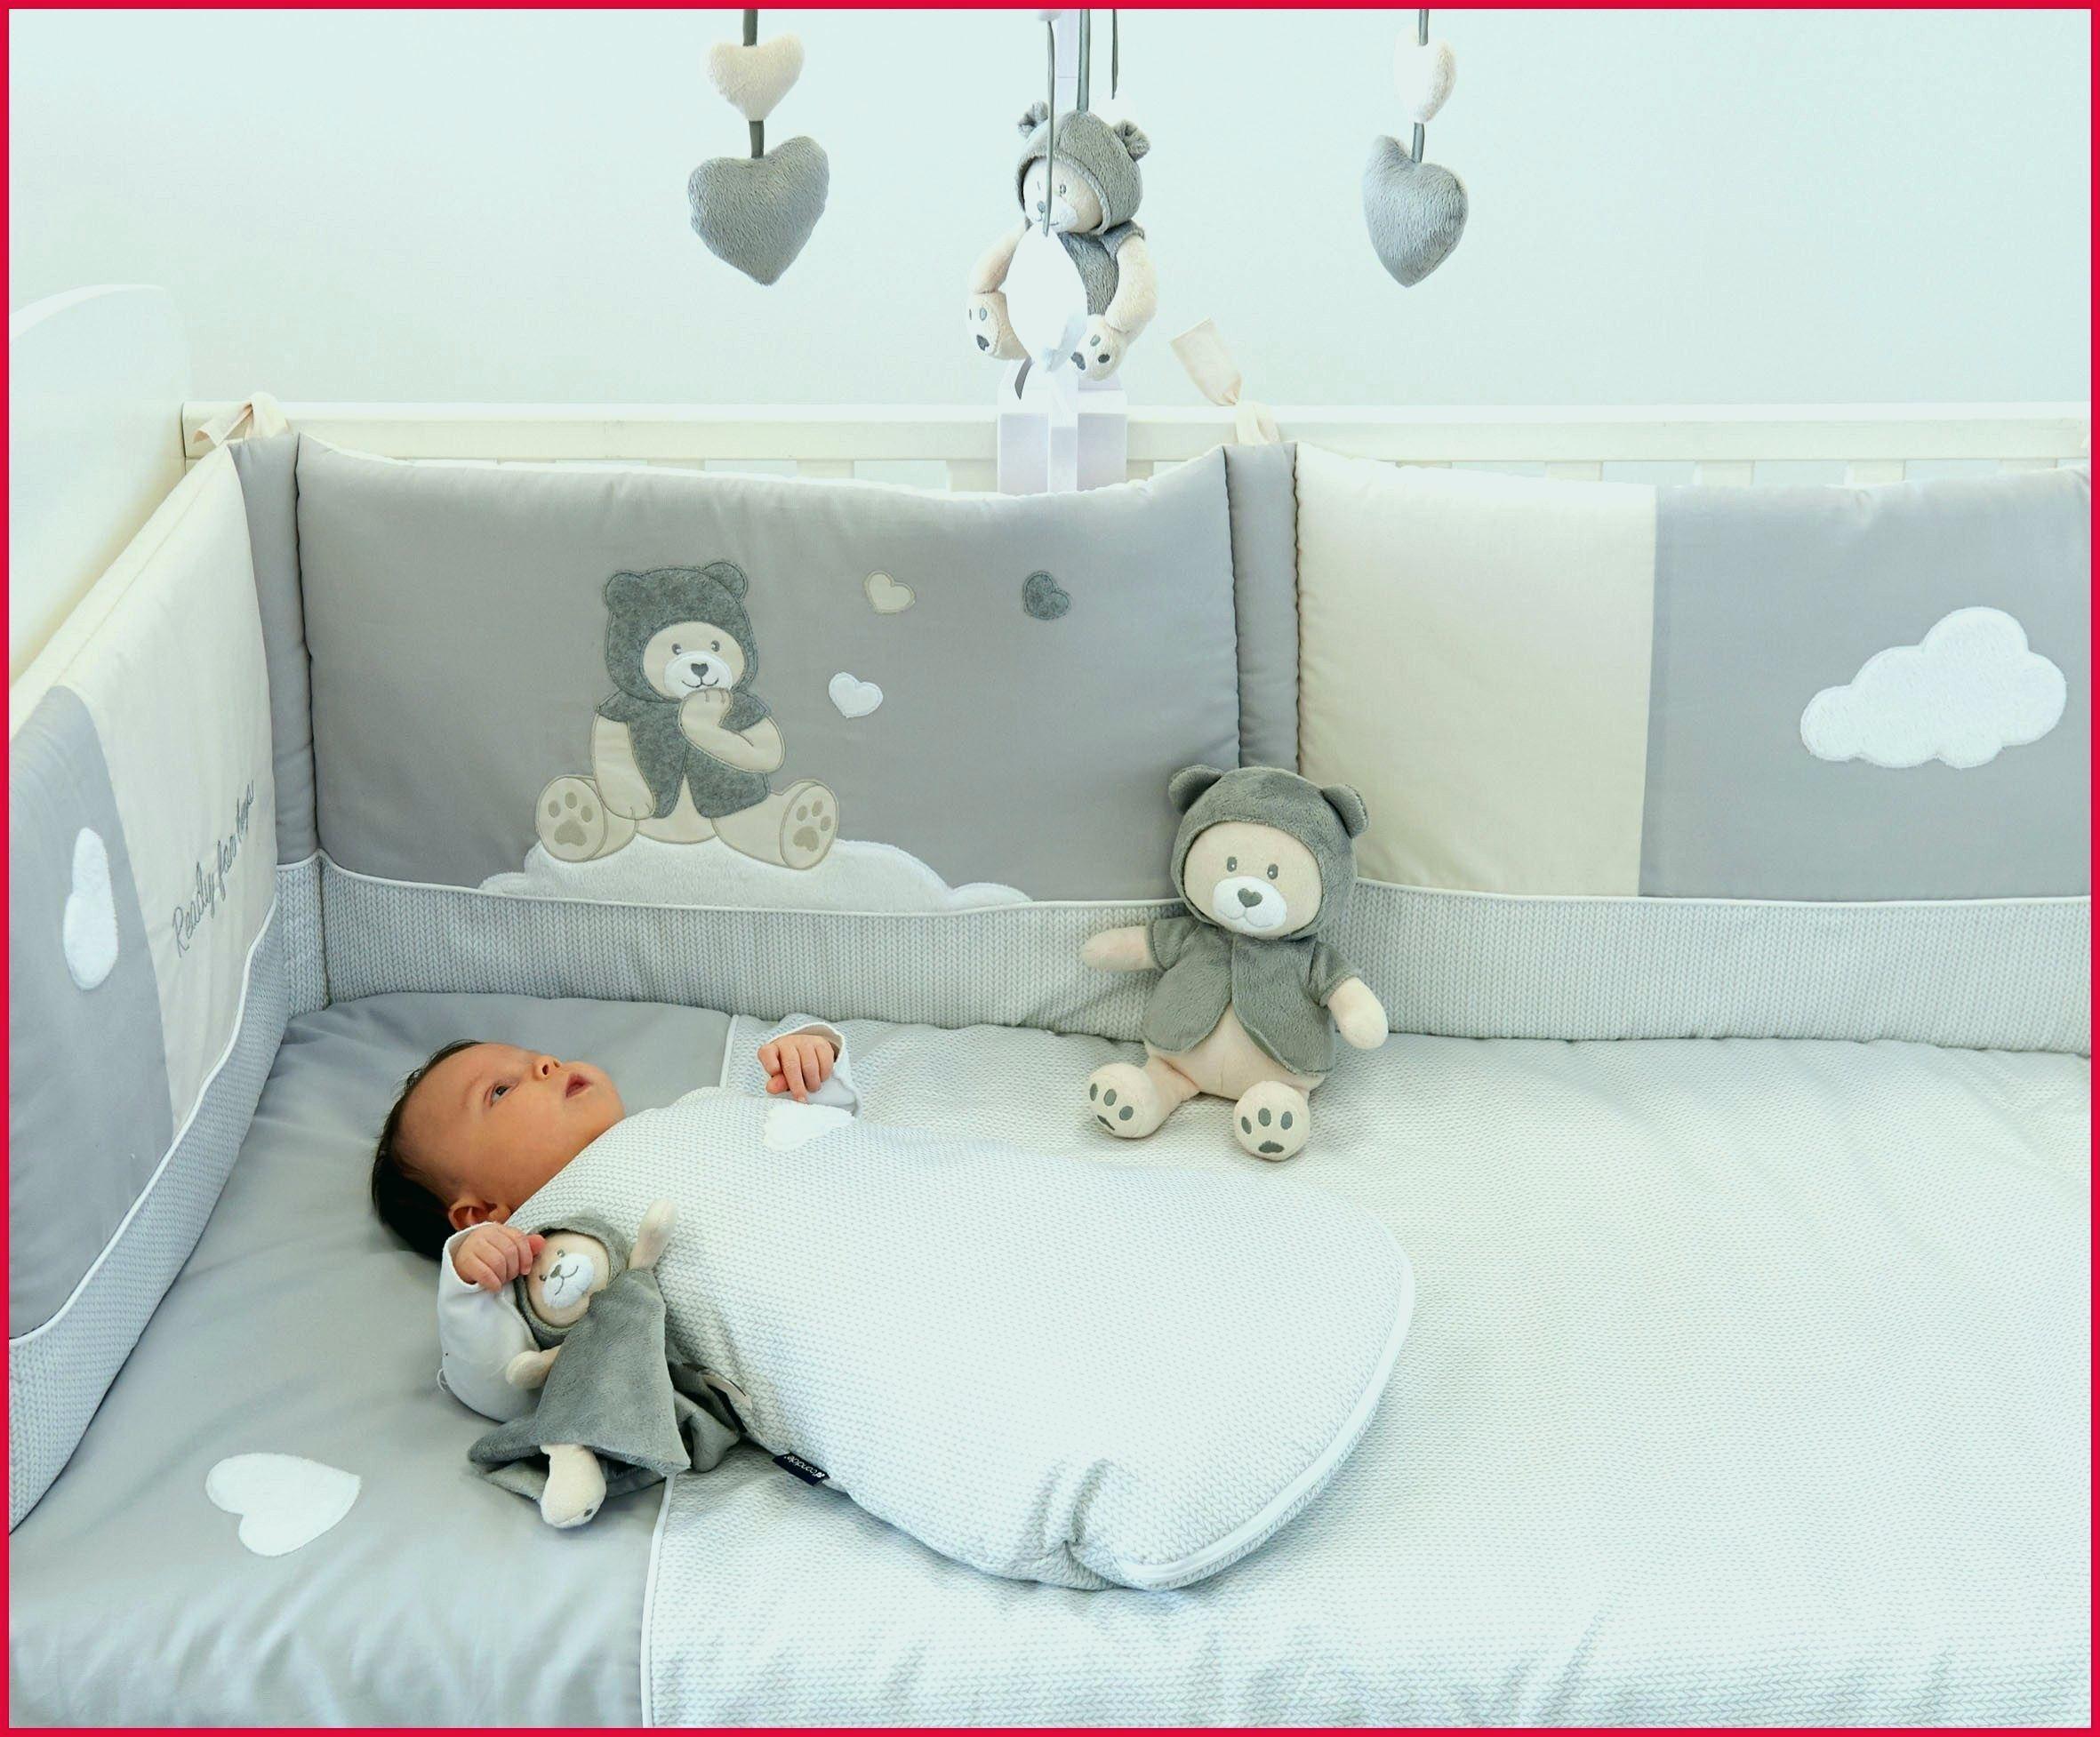 Lit Cabane Pour Enfant Belle Ciel De Lit Cabane Frais Lit Pour Bebe Charmant Banquette Lit 0d